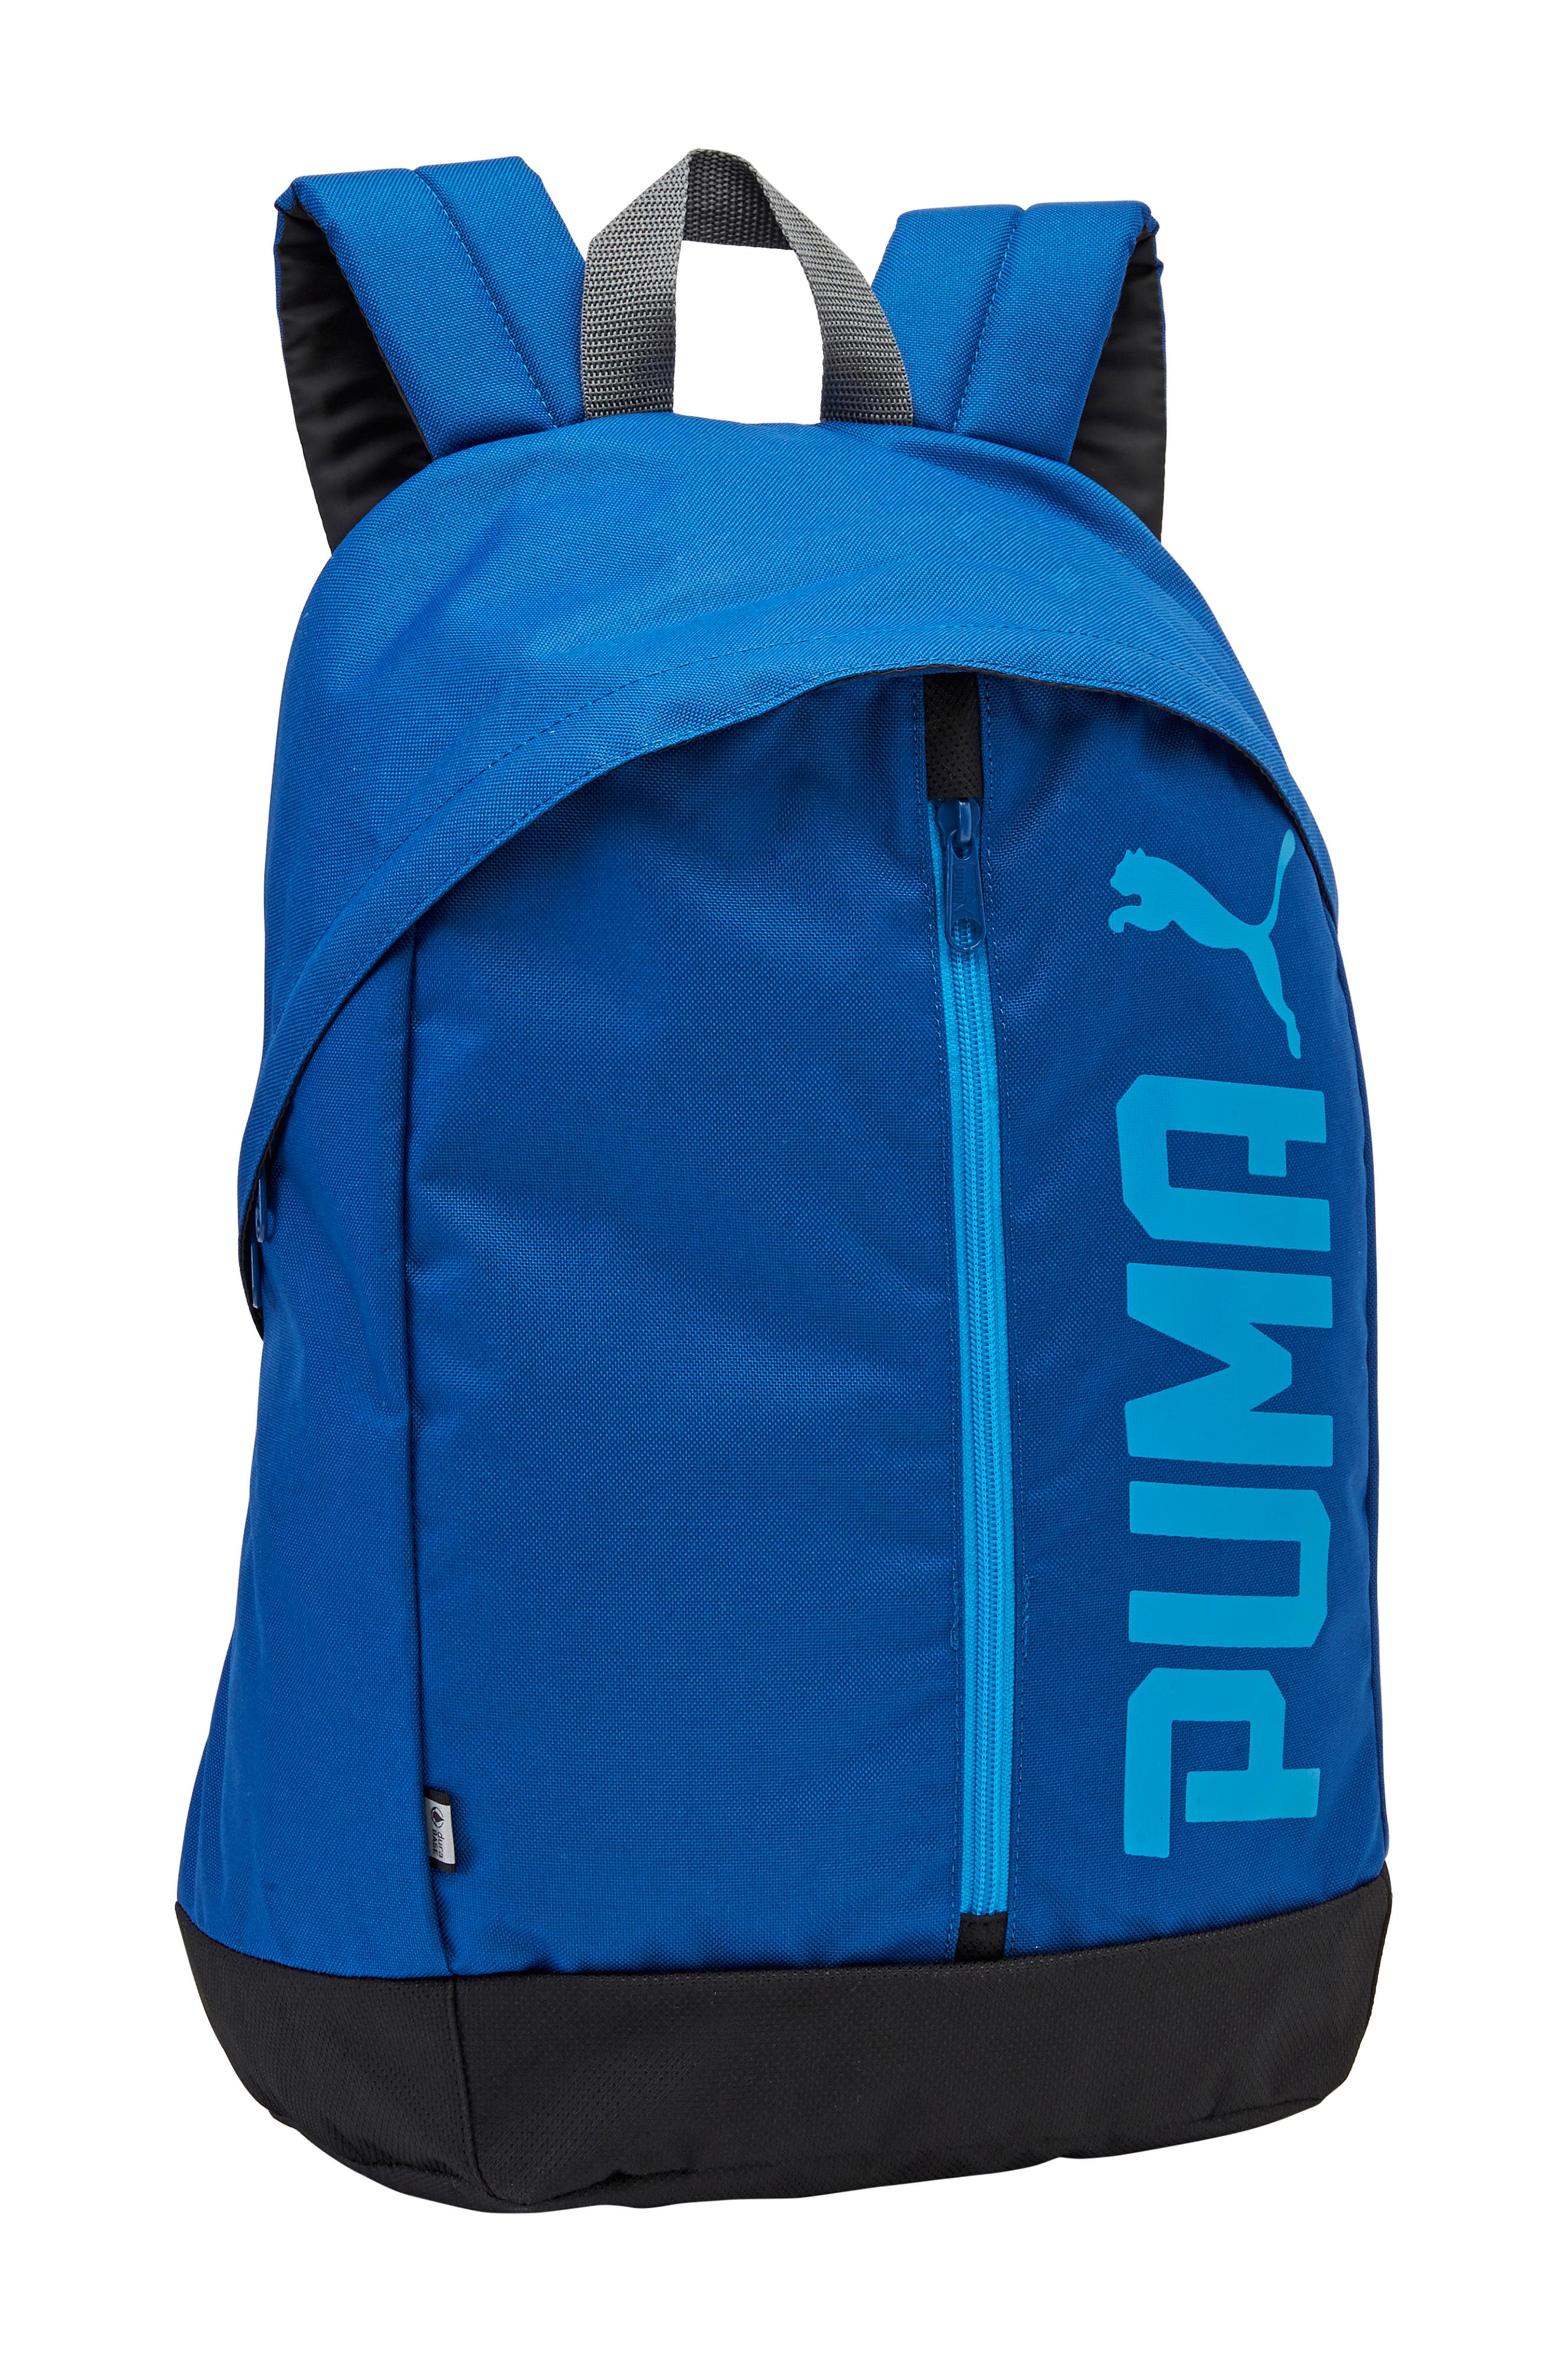 tehtaan aito muoti tyylejä toinen mahdollisuus Puma Pioneer Backpack II -reppu - Sininen - Naiset - Ellos.fi